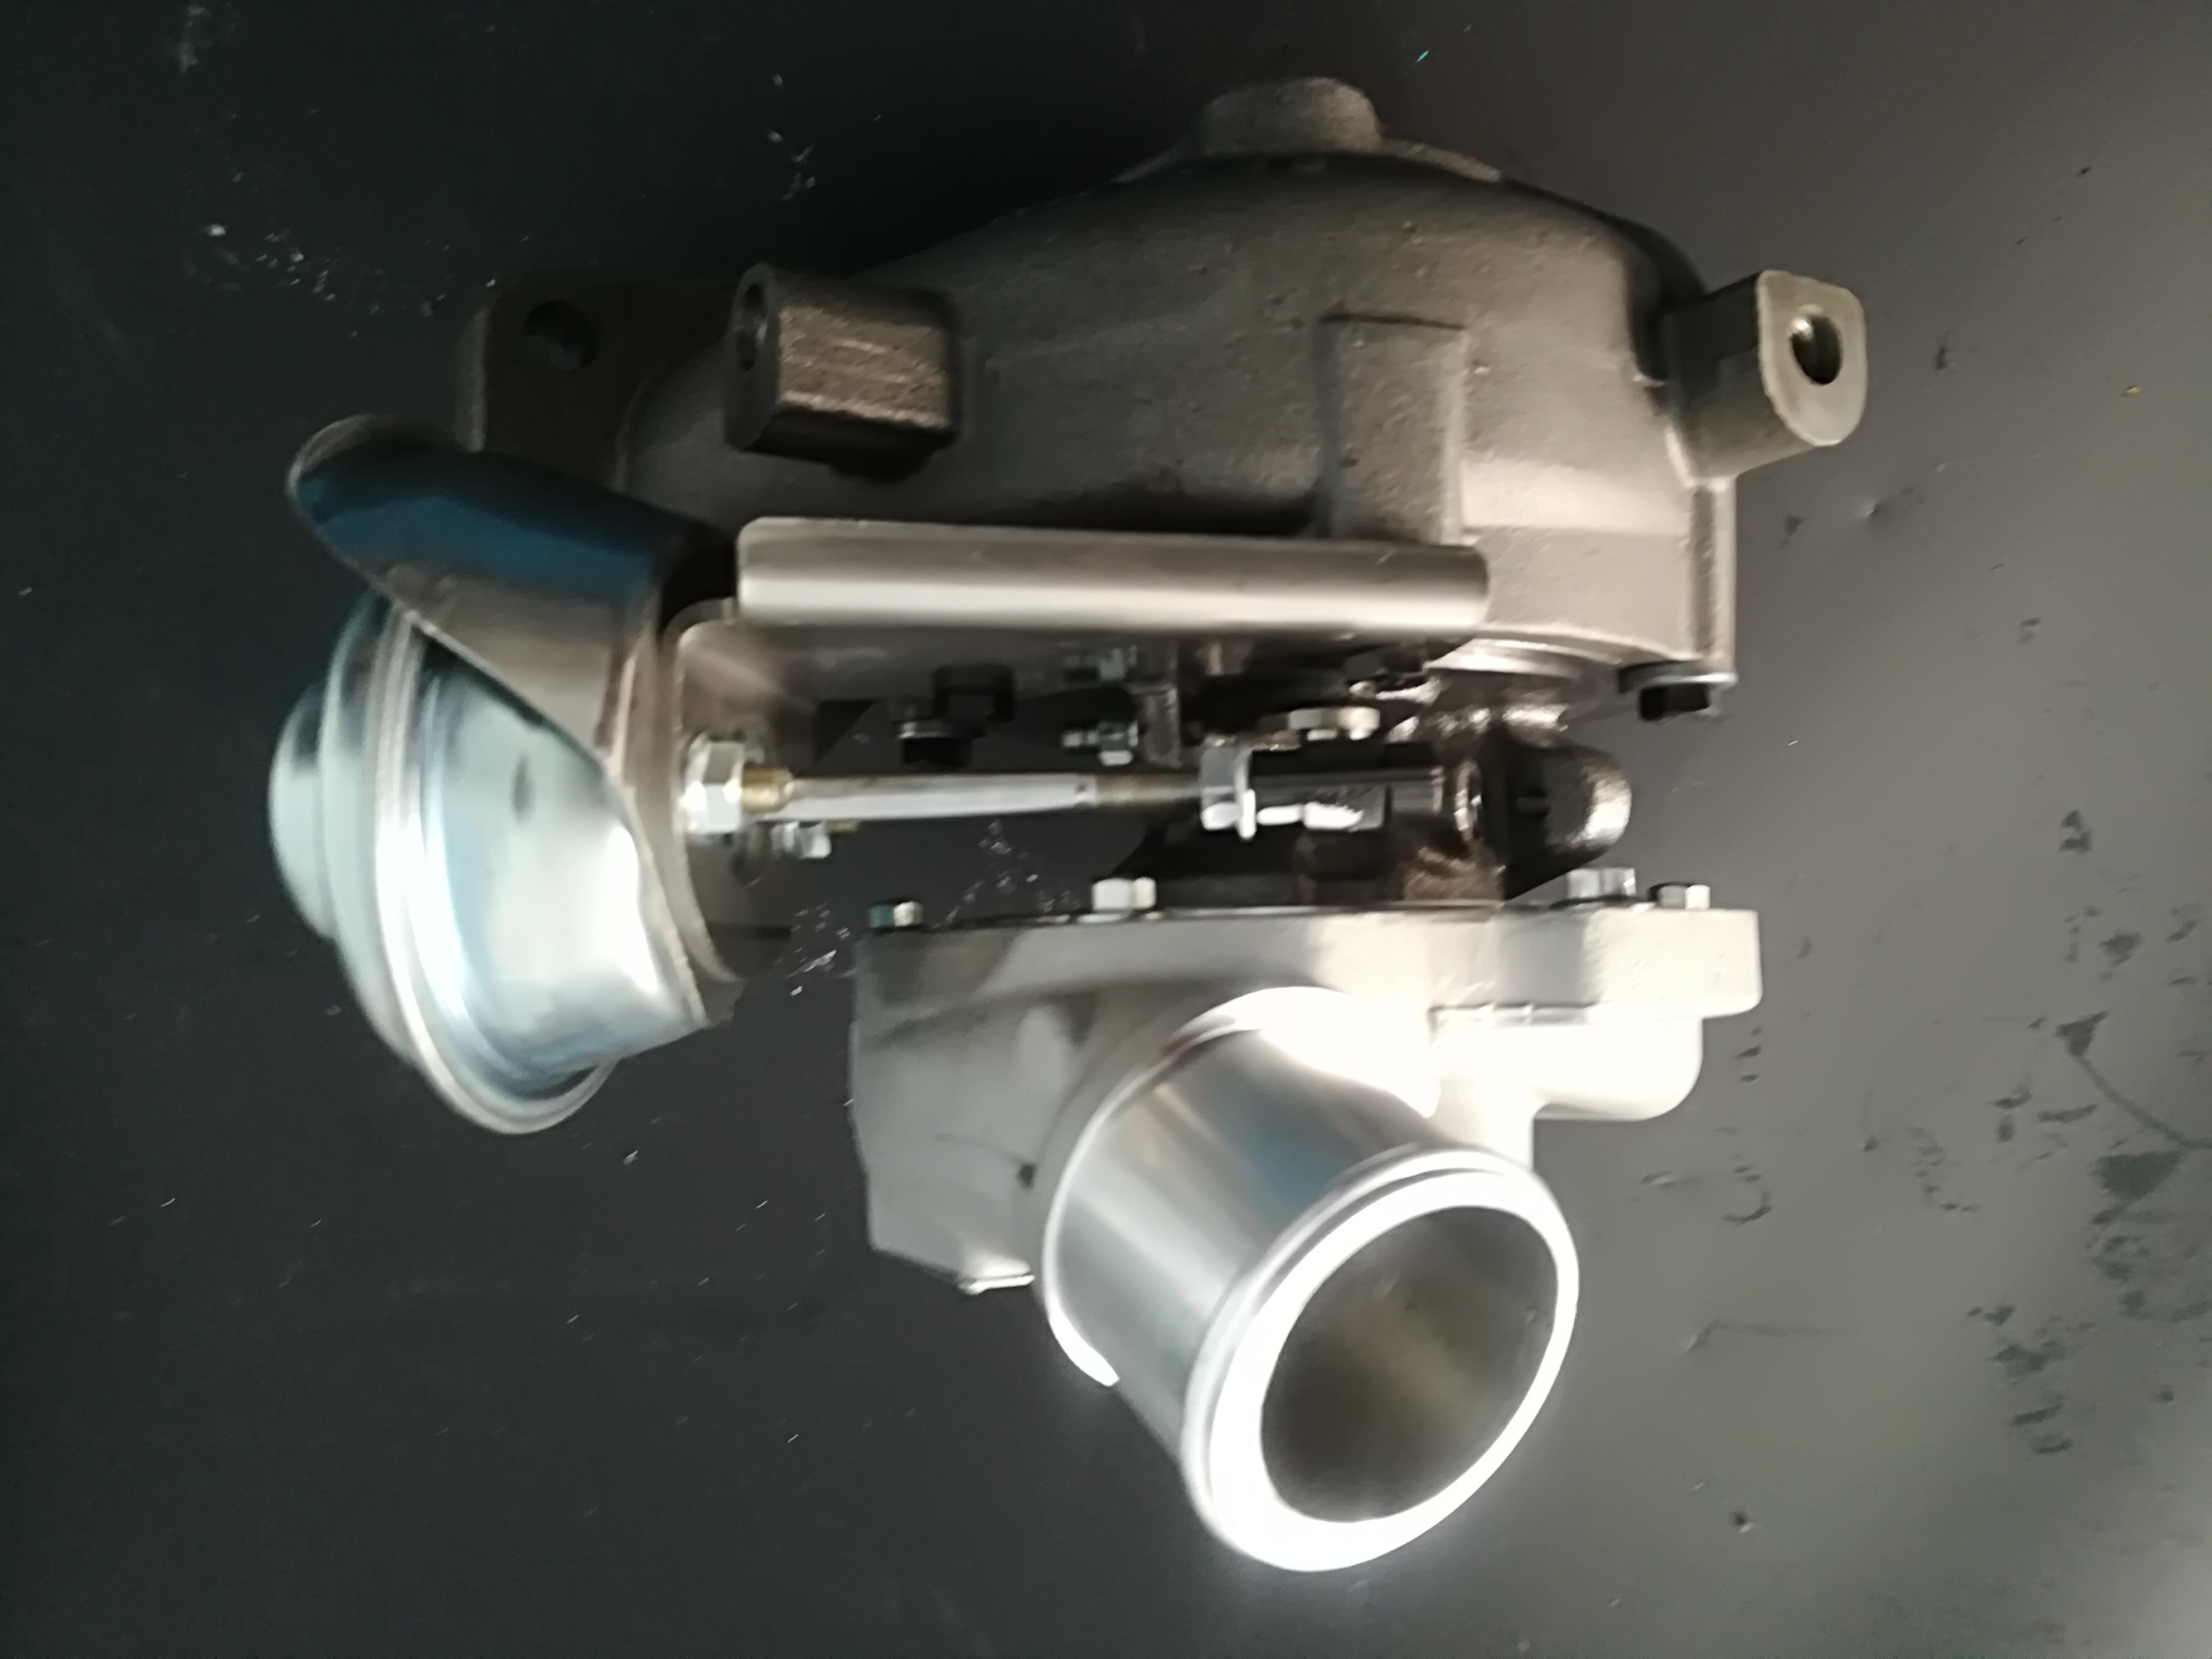 GT1749V Turbocharger FOR Nissan Urvan ZD30 Engine 14411VZ20A,14411-VZ20A,771507-1,71507-0001,771507-5001S